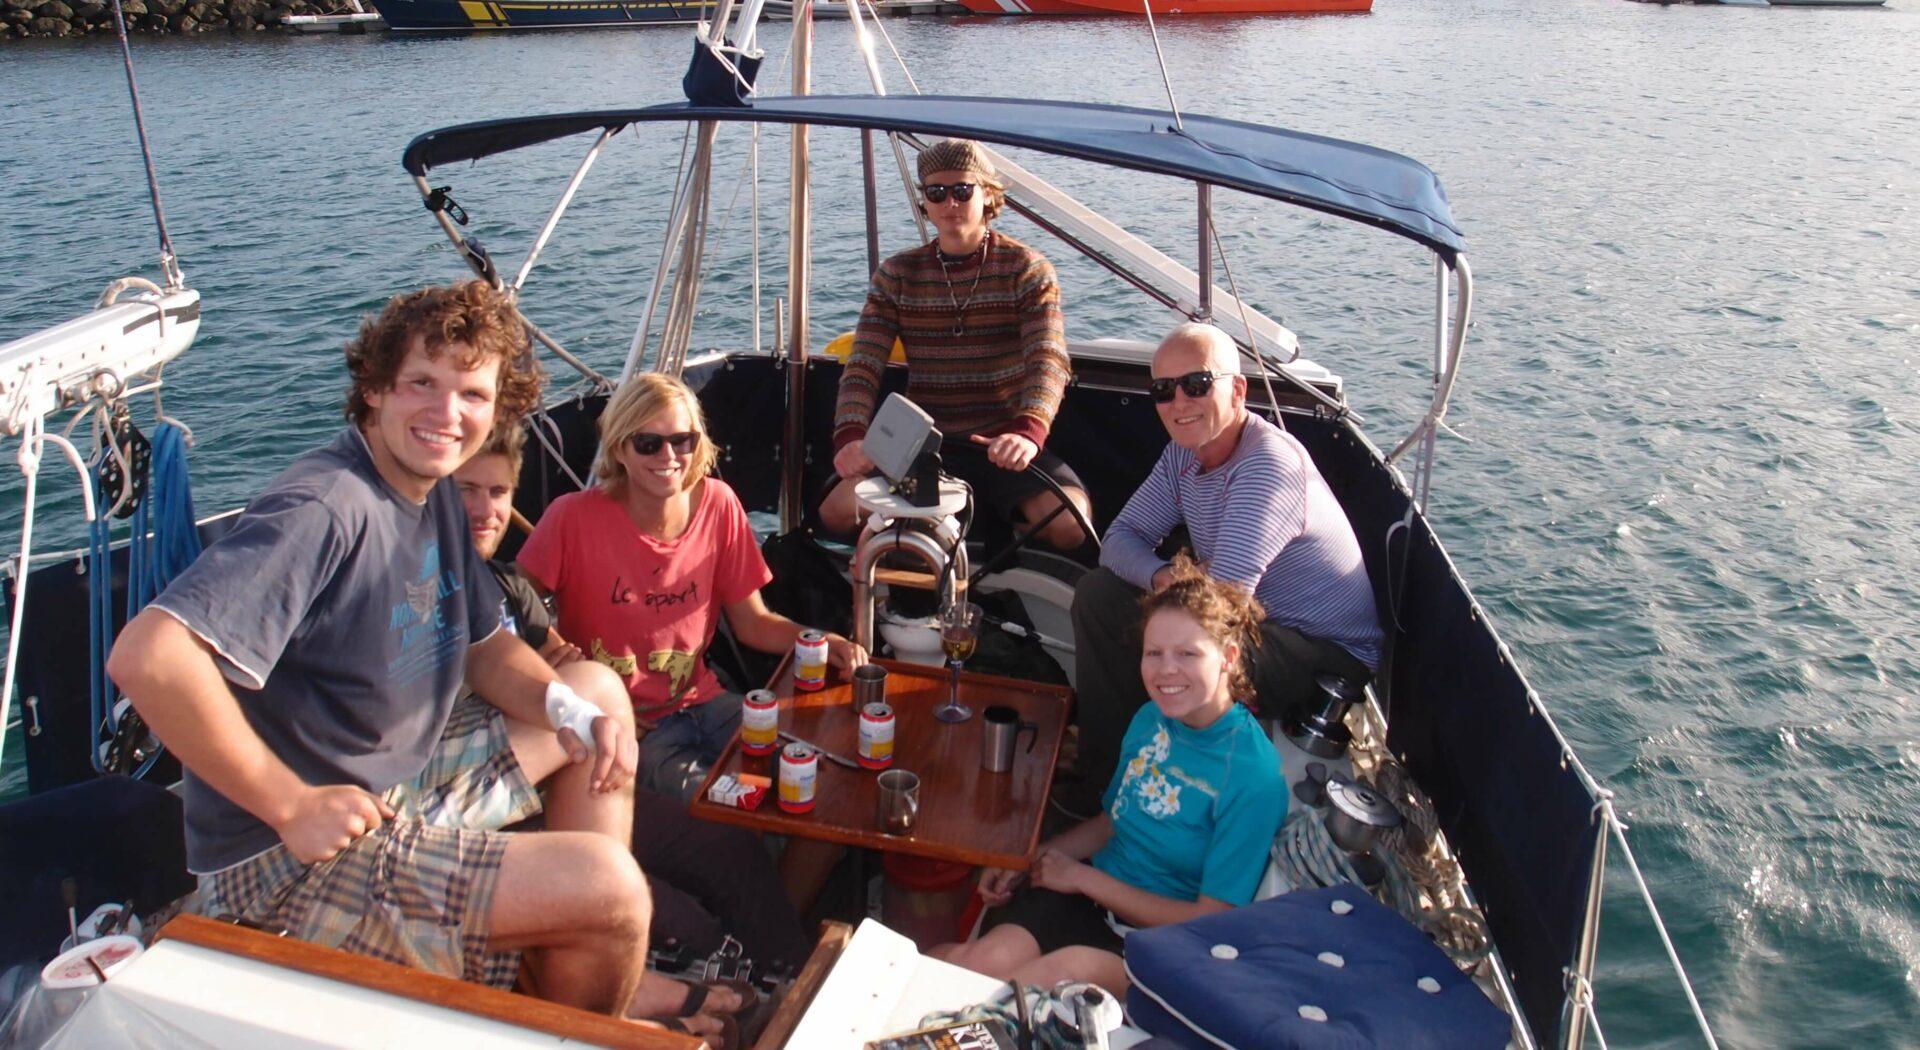 Etterlengtet cervezapause under en arbeidsøkt med svenskene fra nabobåten